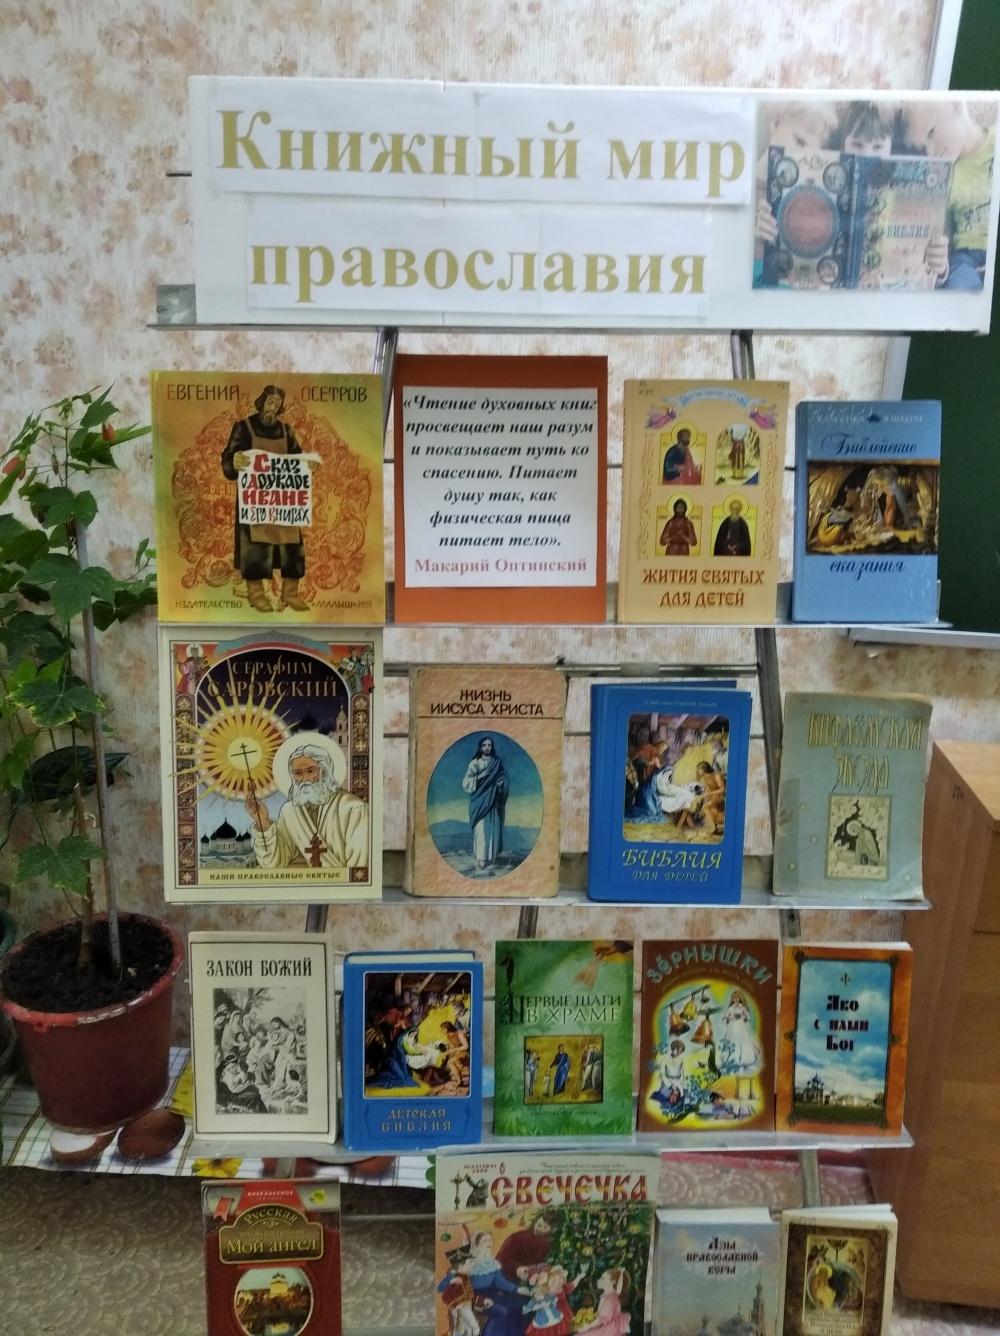 «Живое слово мудрости духовной» час православной культуры В Плодосовхозной сельской библиотеке